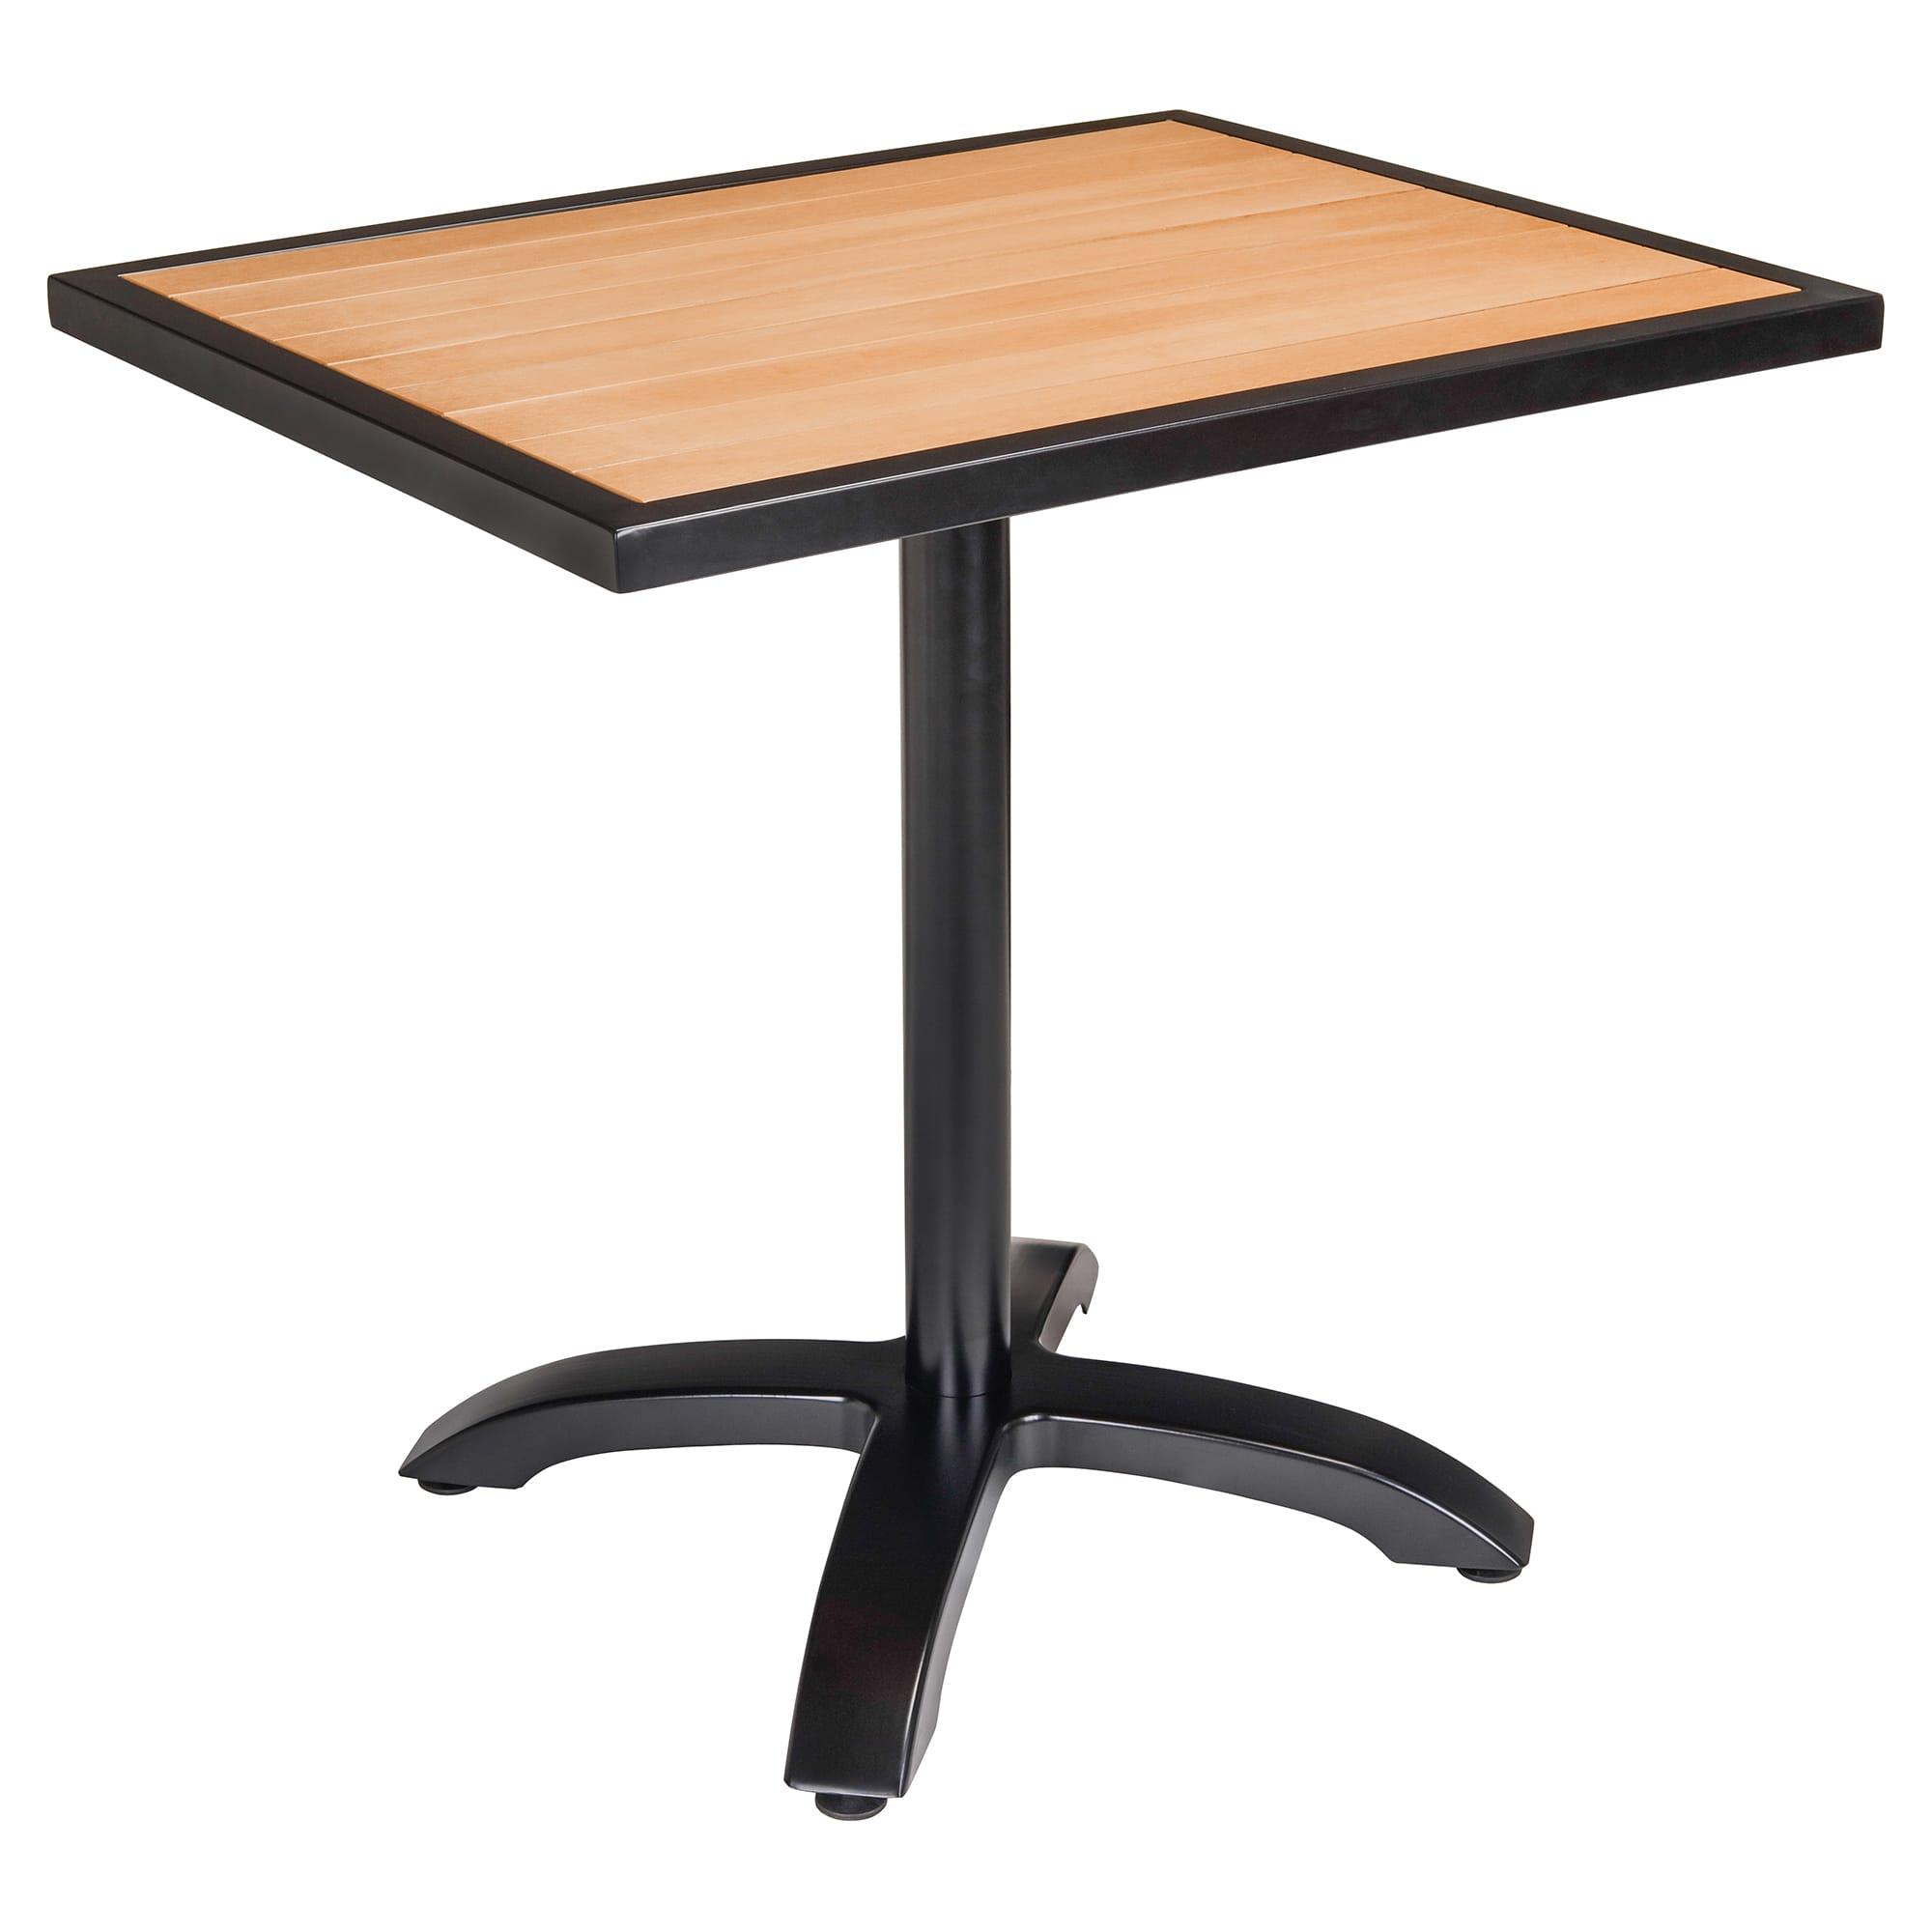 Black Aluminum Patio Table with Plastic Teak Top with Black Aluminum Patio Table with Plastic Teak Top